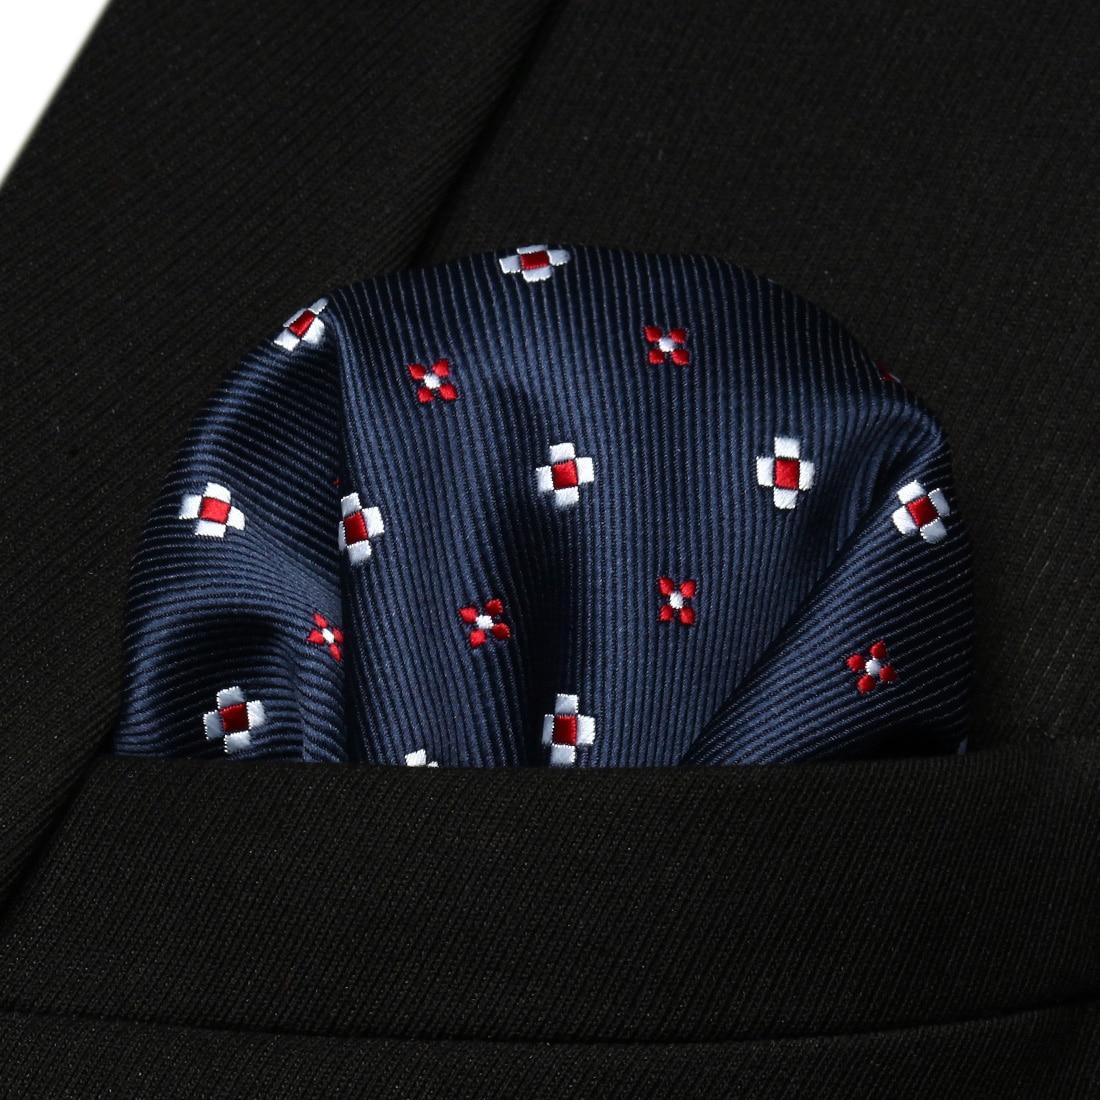 HF608V Navy Blue Red Floral Men Silk Party Handkerchief Pocket Square Hanky